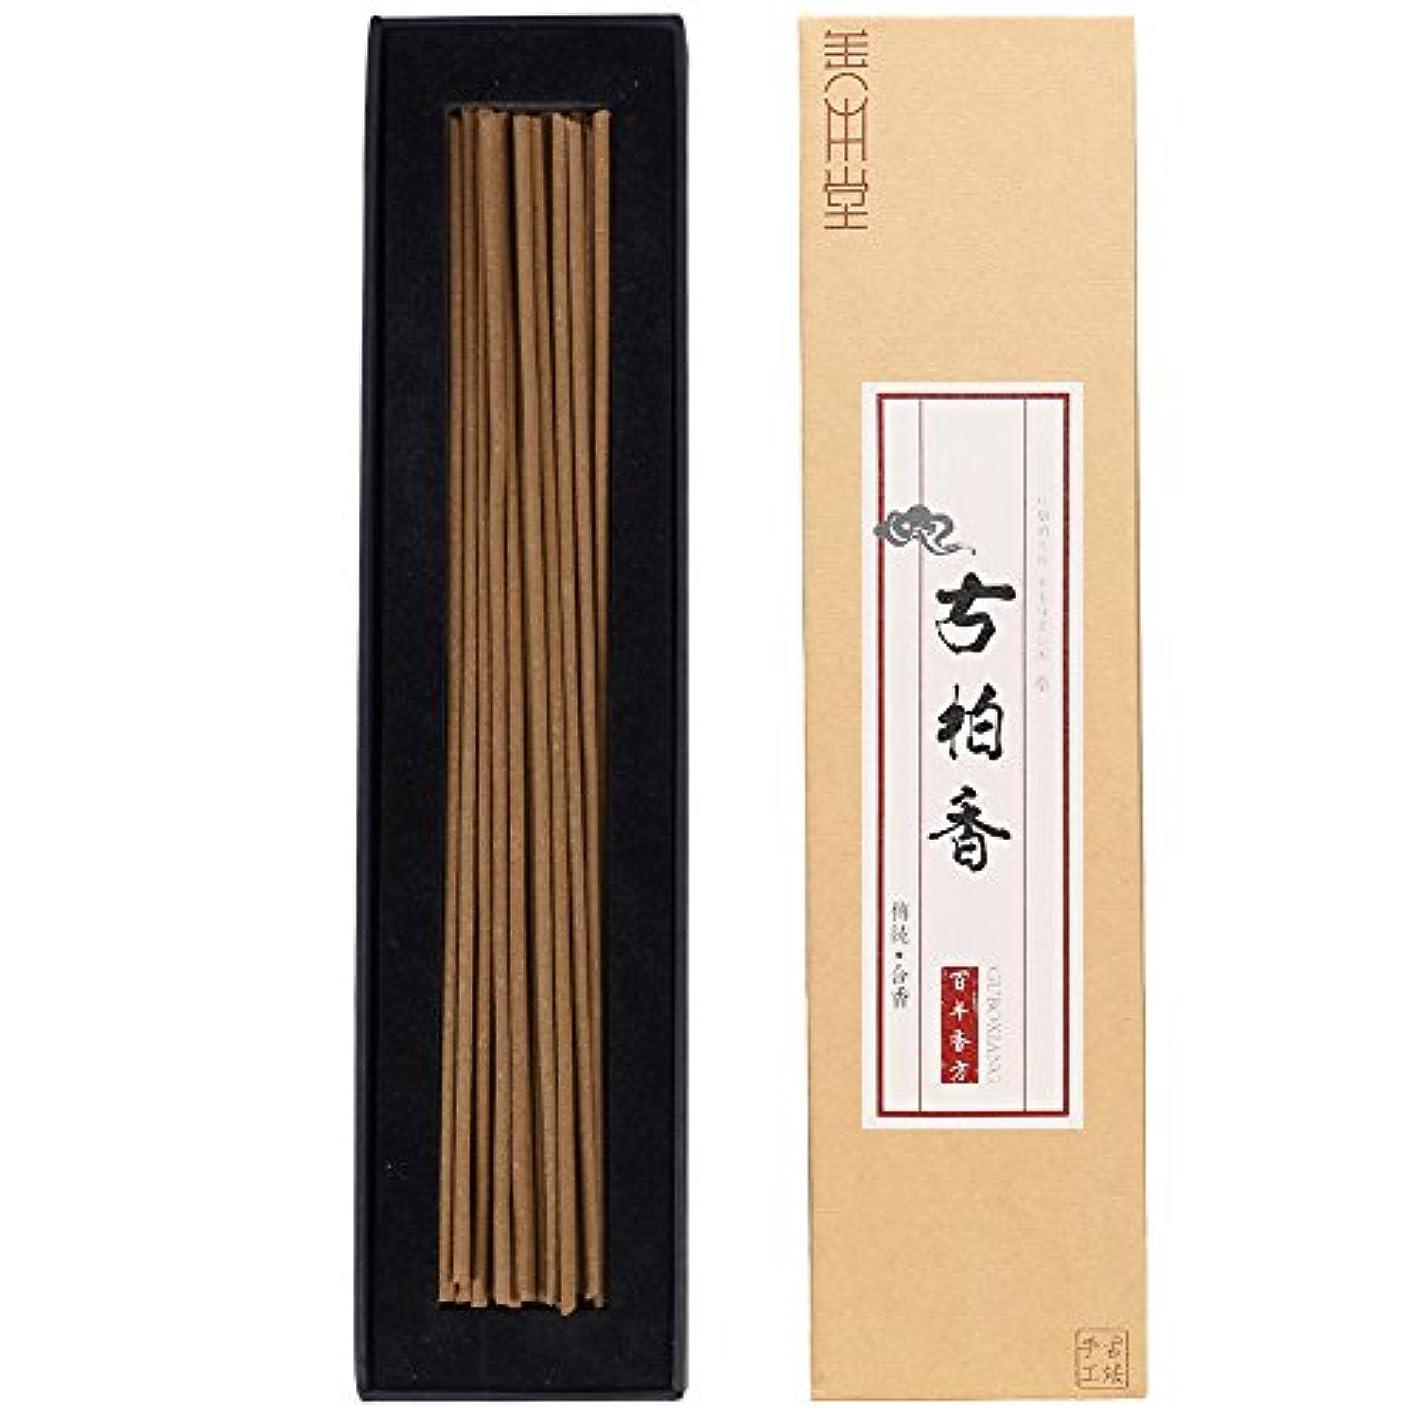 縮約バッジうつお線香 独特の合香 天然の手作り 高級古柏お香 (21cm 50本入)